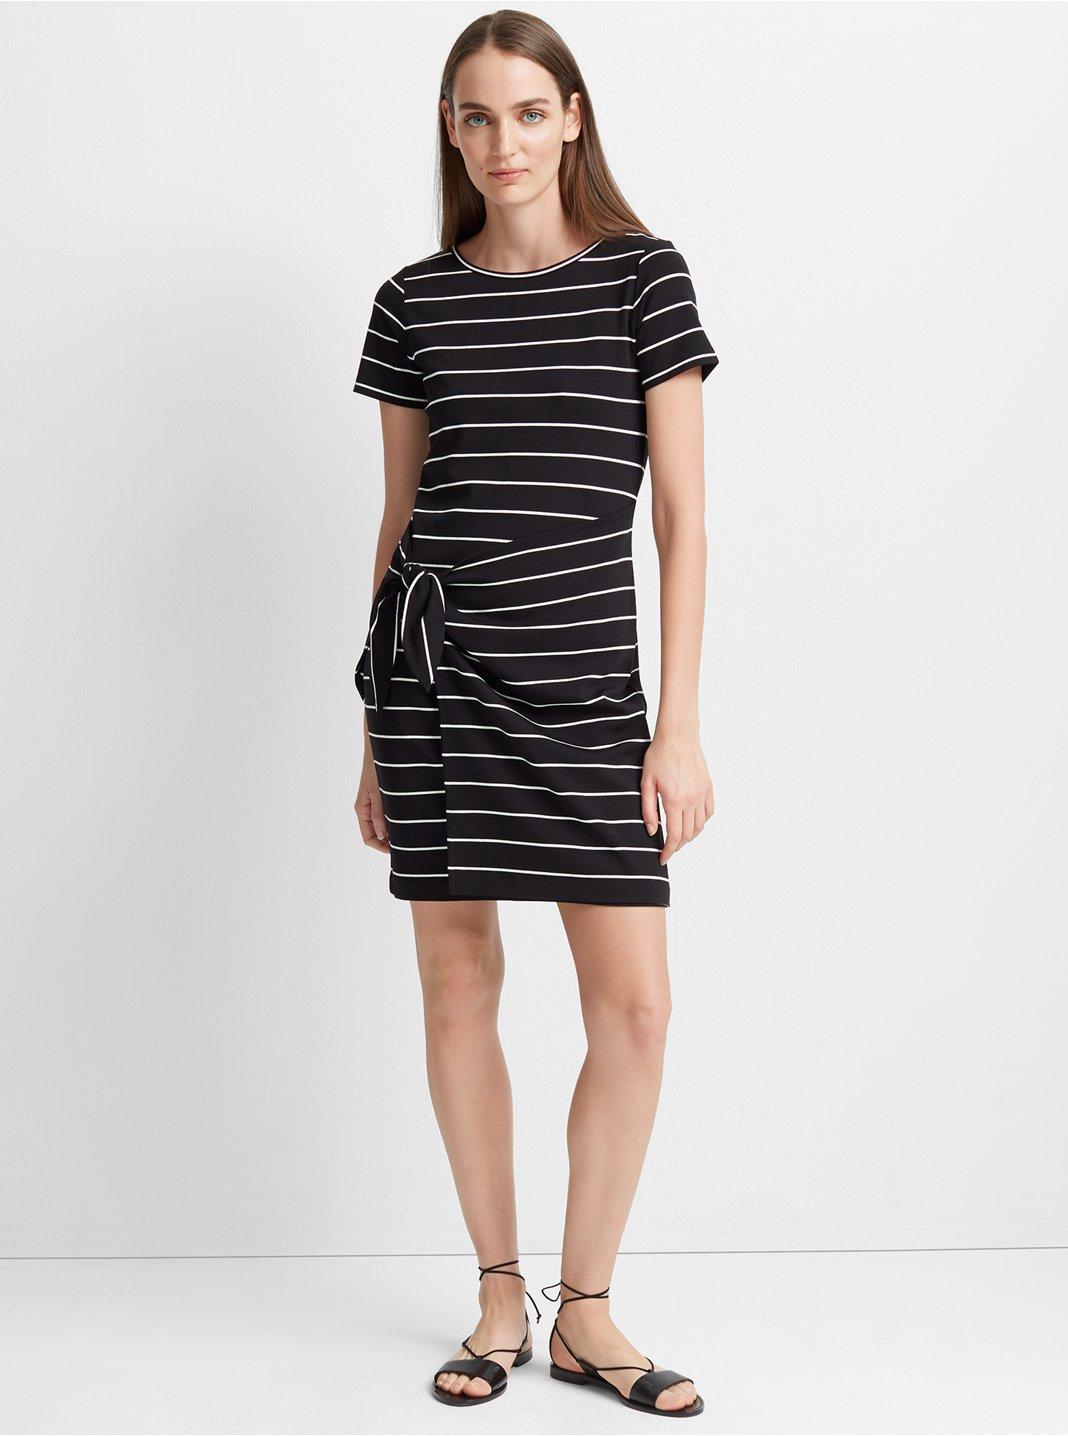 711217af96b Womens Dresses